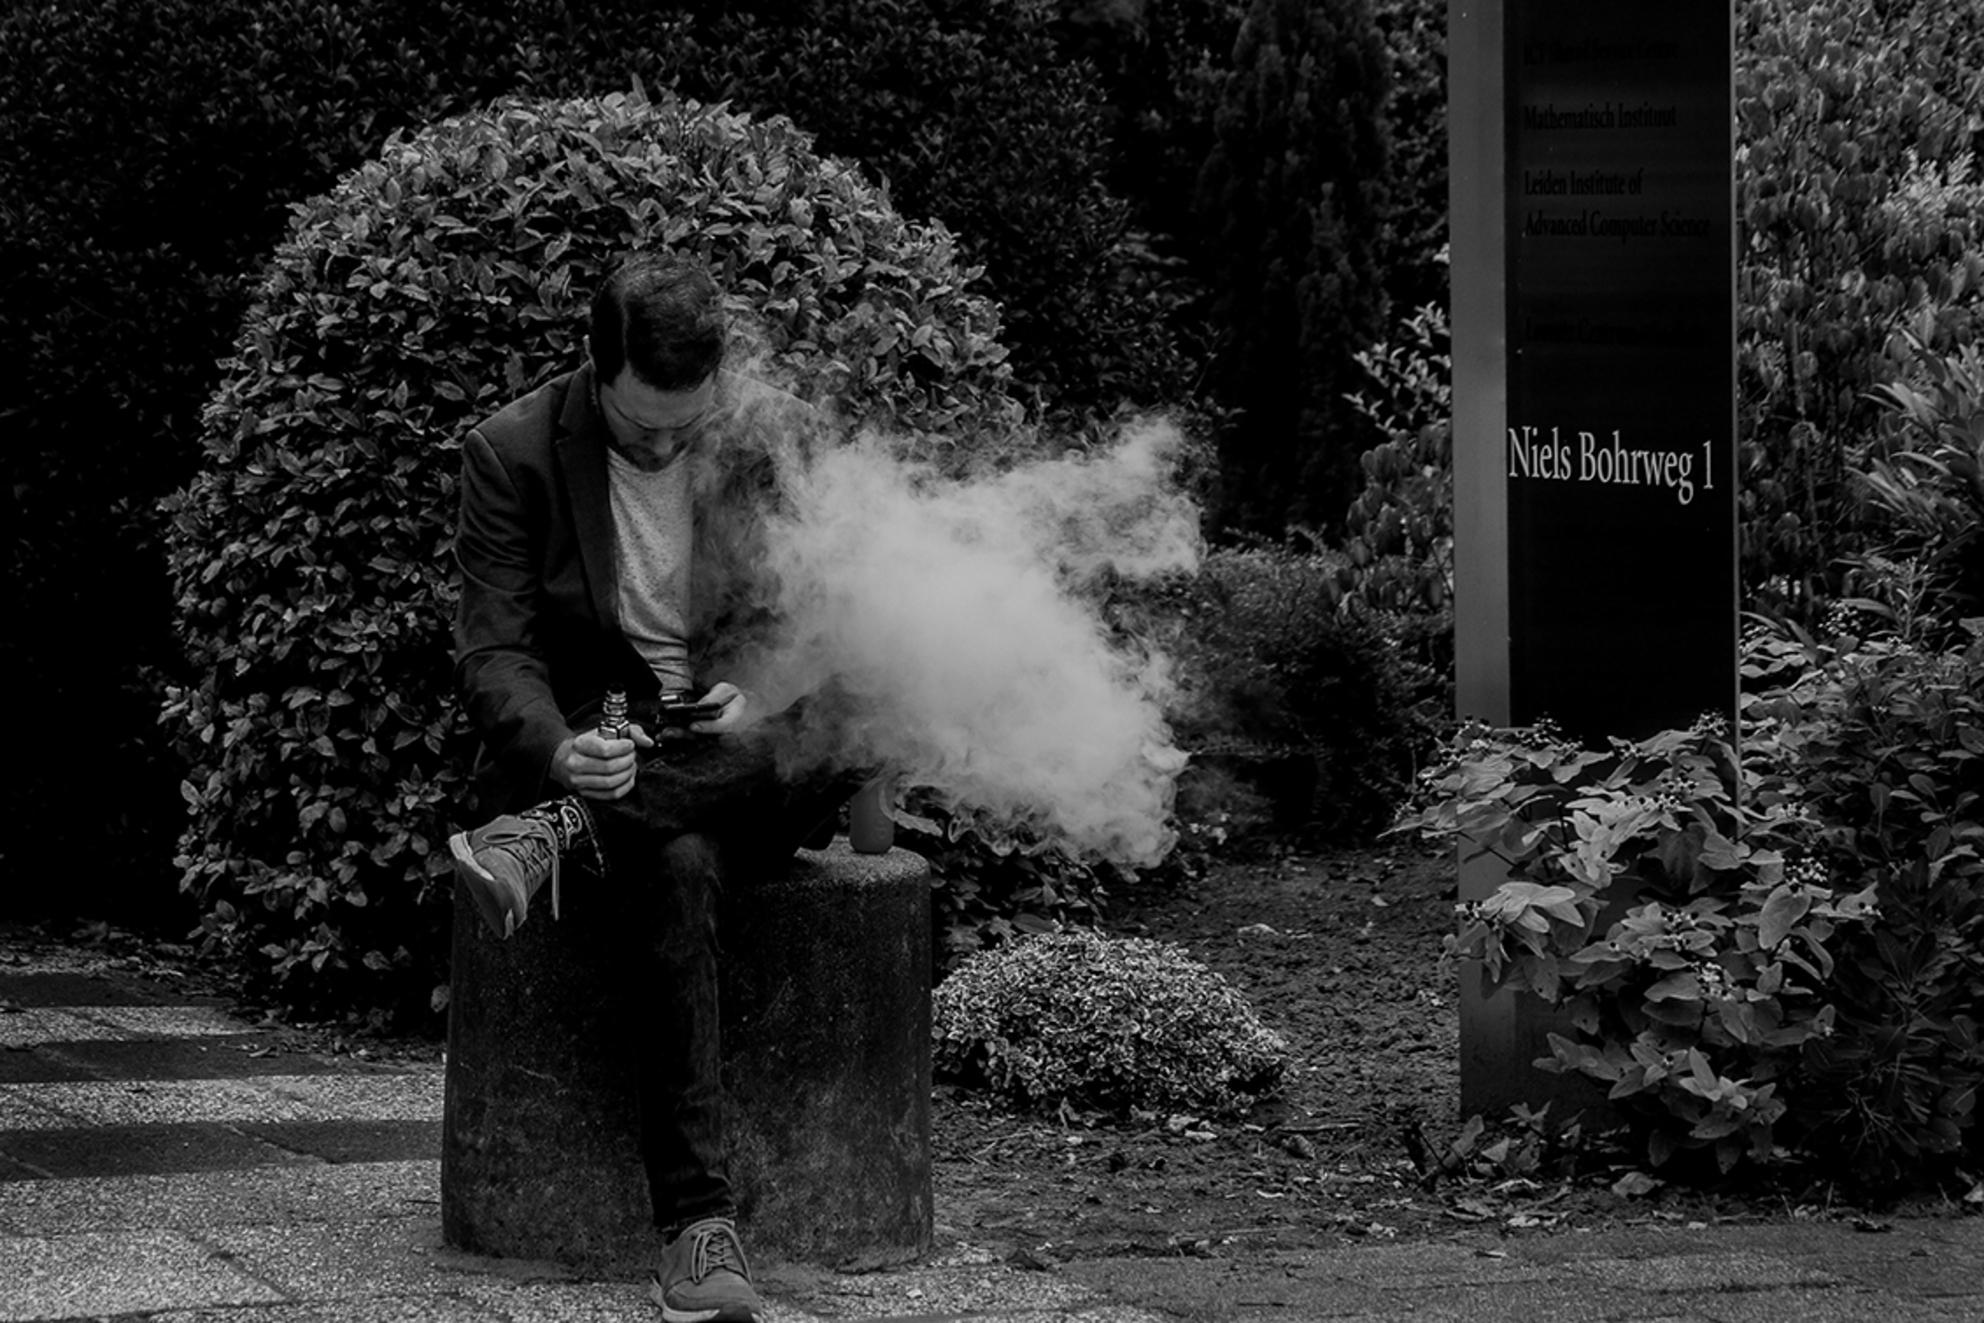 E-dampen - In je pauze lekker E-dampen - foto door nak-kos op 04-05-2020 - deze foto bevat: man, leiden, zwartwit, roken, straatfotografie, sigaret - Deze foto mag gebruikt worden in een Zoom.nl publicatie